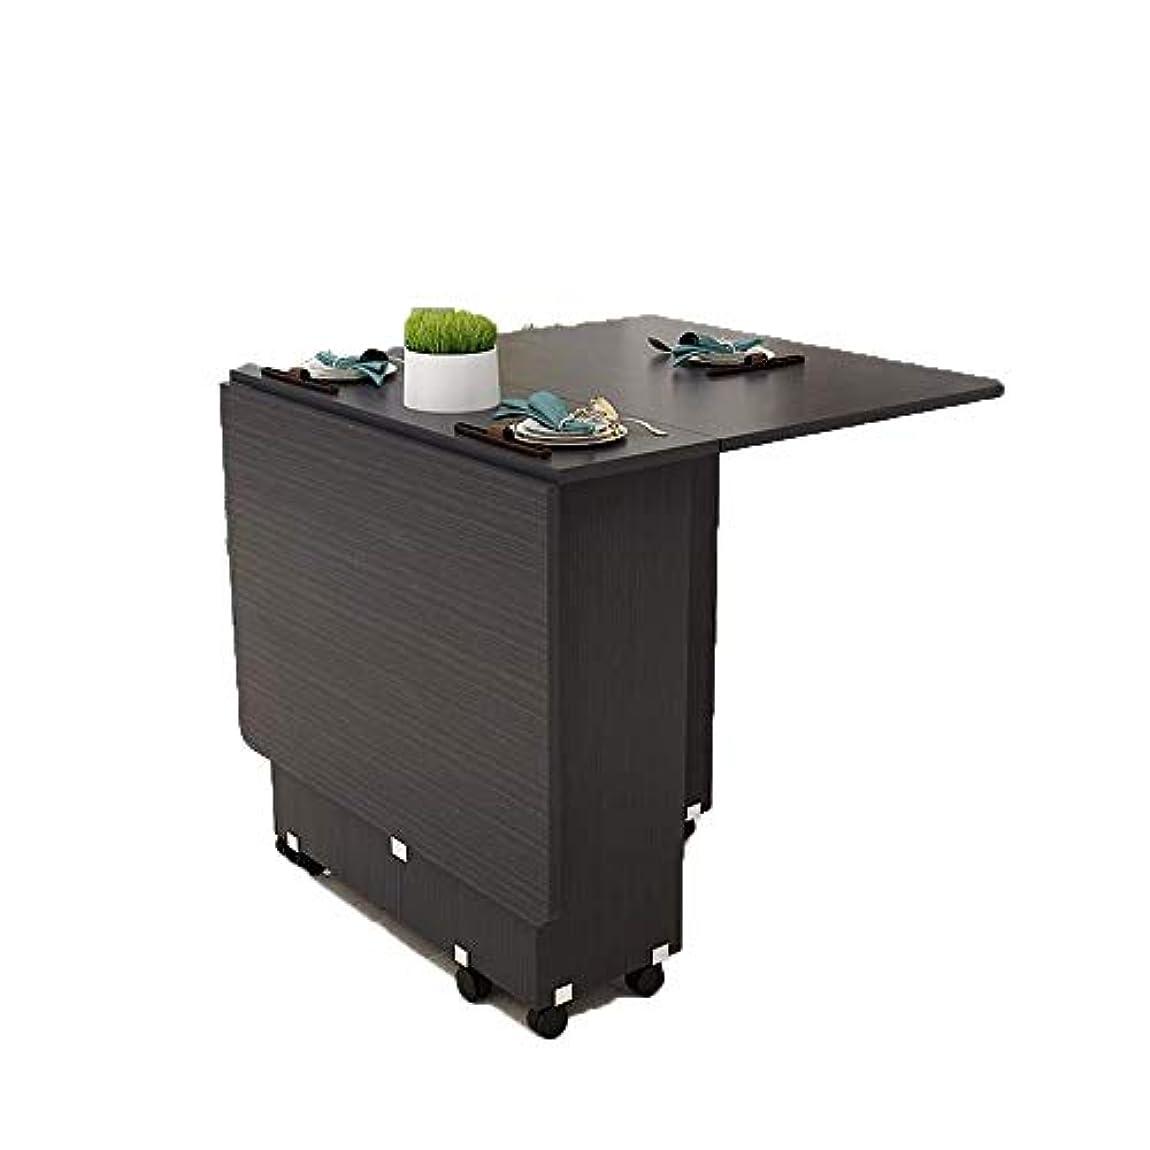 チャンピオン実証する警告BNSDMM 純木のダイニングテーブルおよび椅子の組合せ折るテーブルのダイニングテーブル家の小さいアパートの望遠鏡のテーブル北欧のダイニングテーブル多機能テーブル (Color : D)